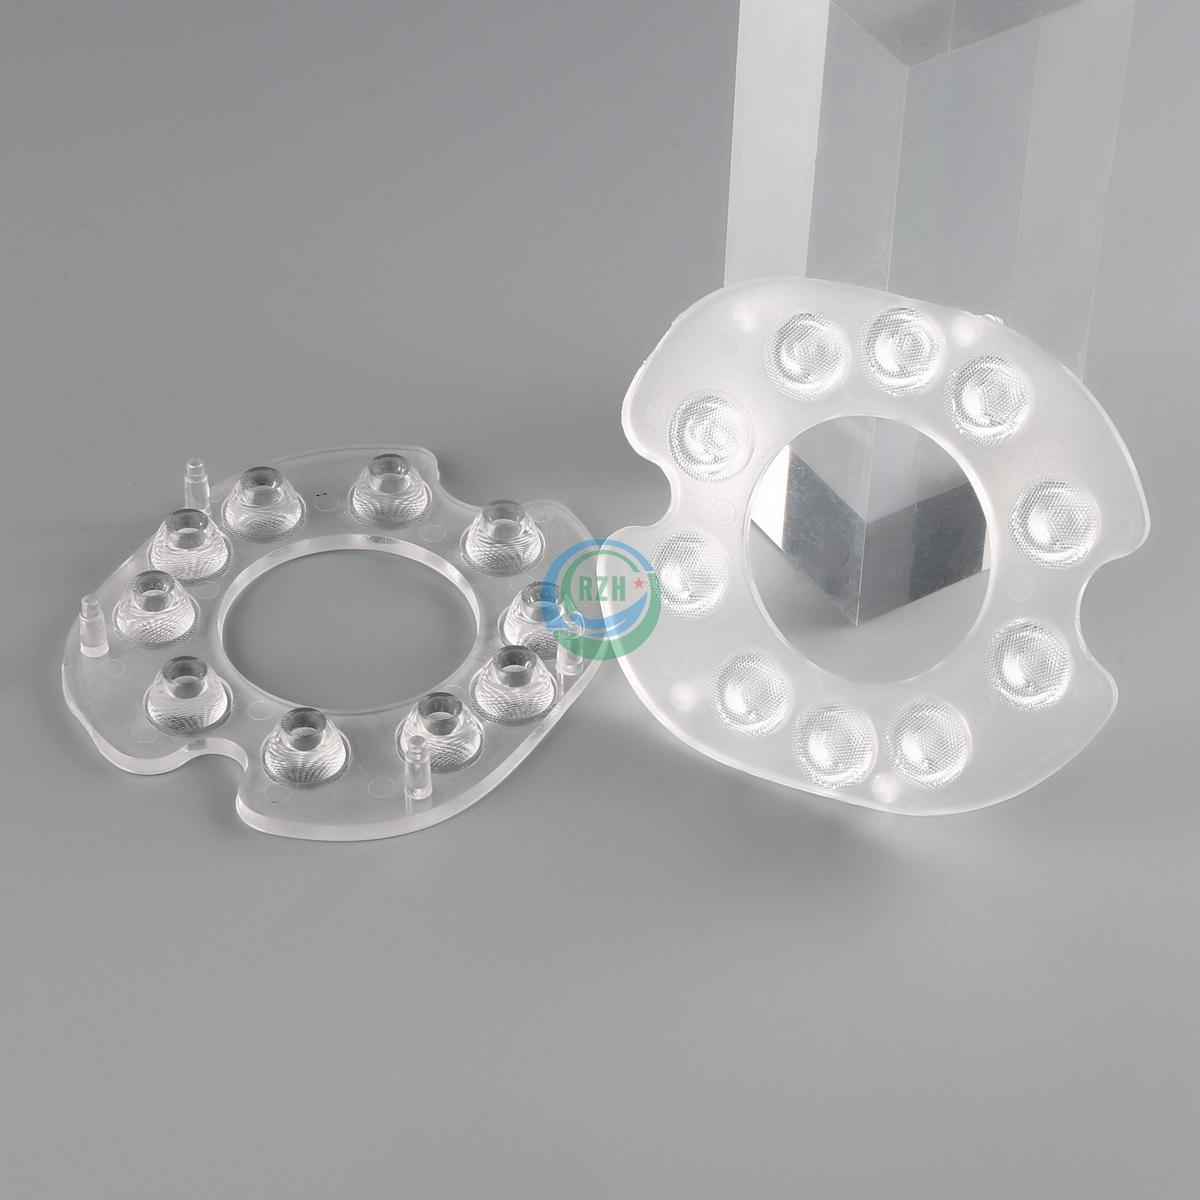 红外透镜 球机系列:RZH-10 IN 1-100ZM(3535)